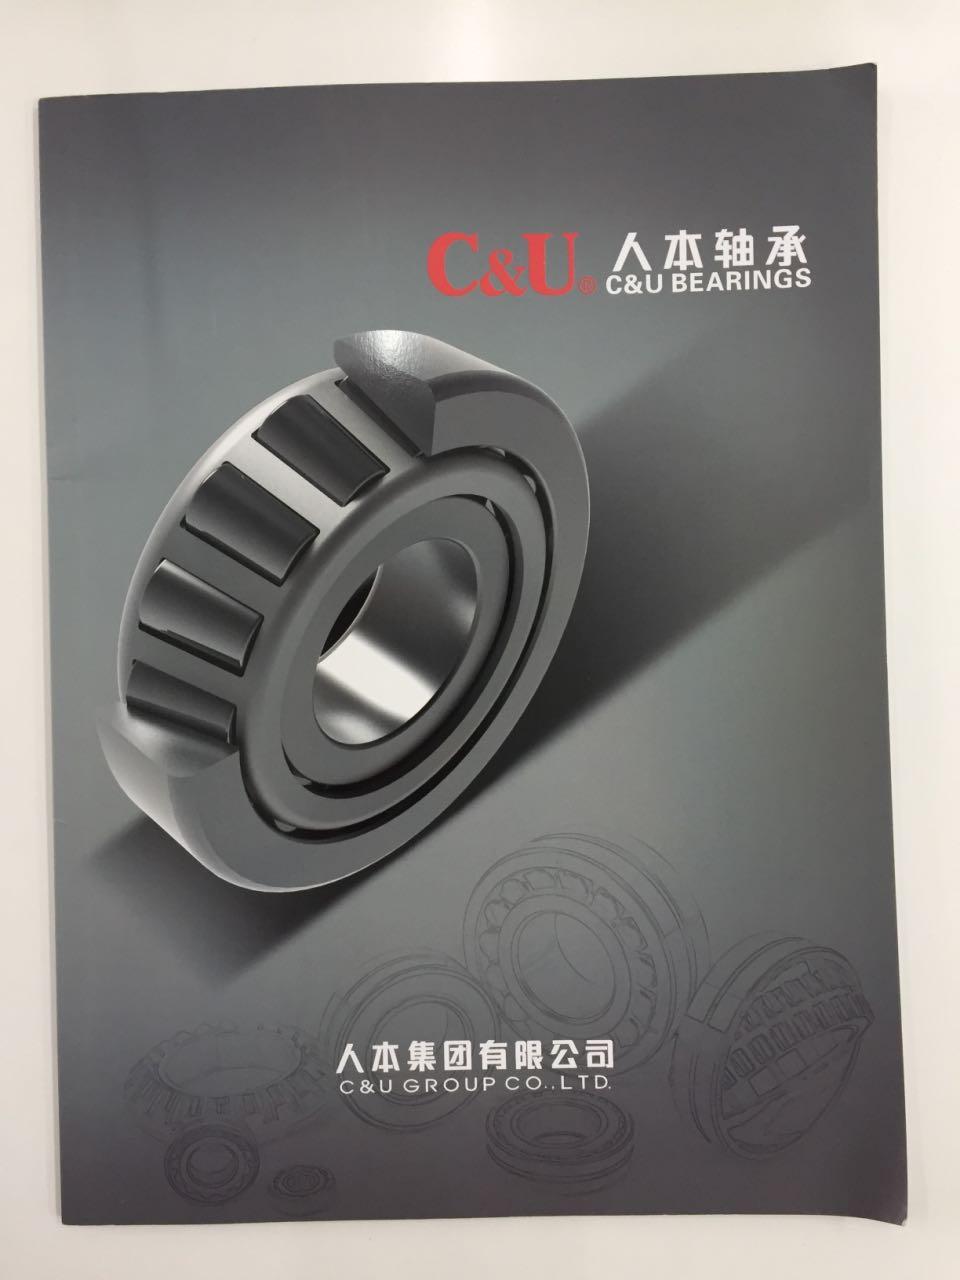 来自张向阳发布的商务合作信息:人本集团创立于1991年,是一家专业轴承... - 上海人本车用轴承有限公司